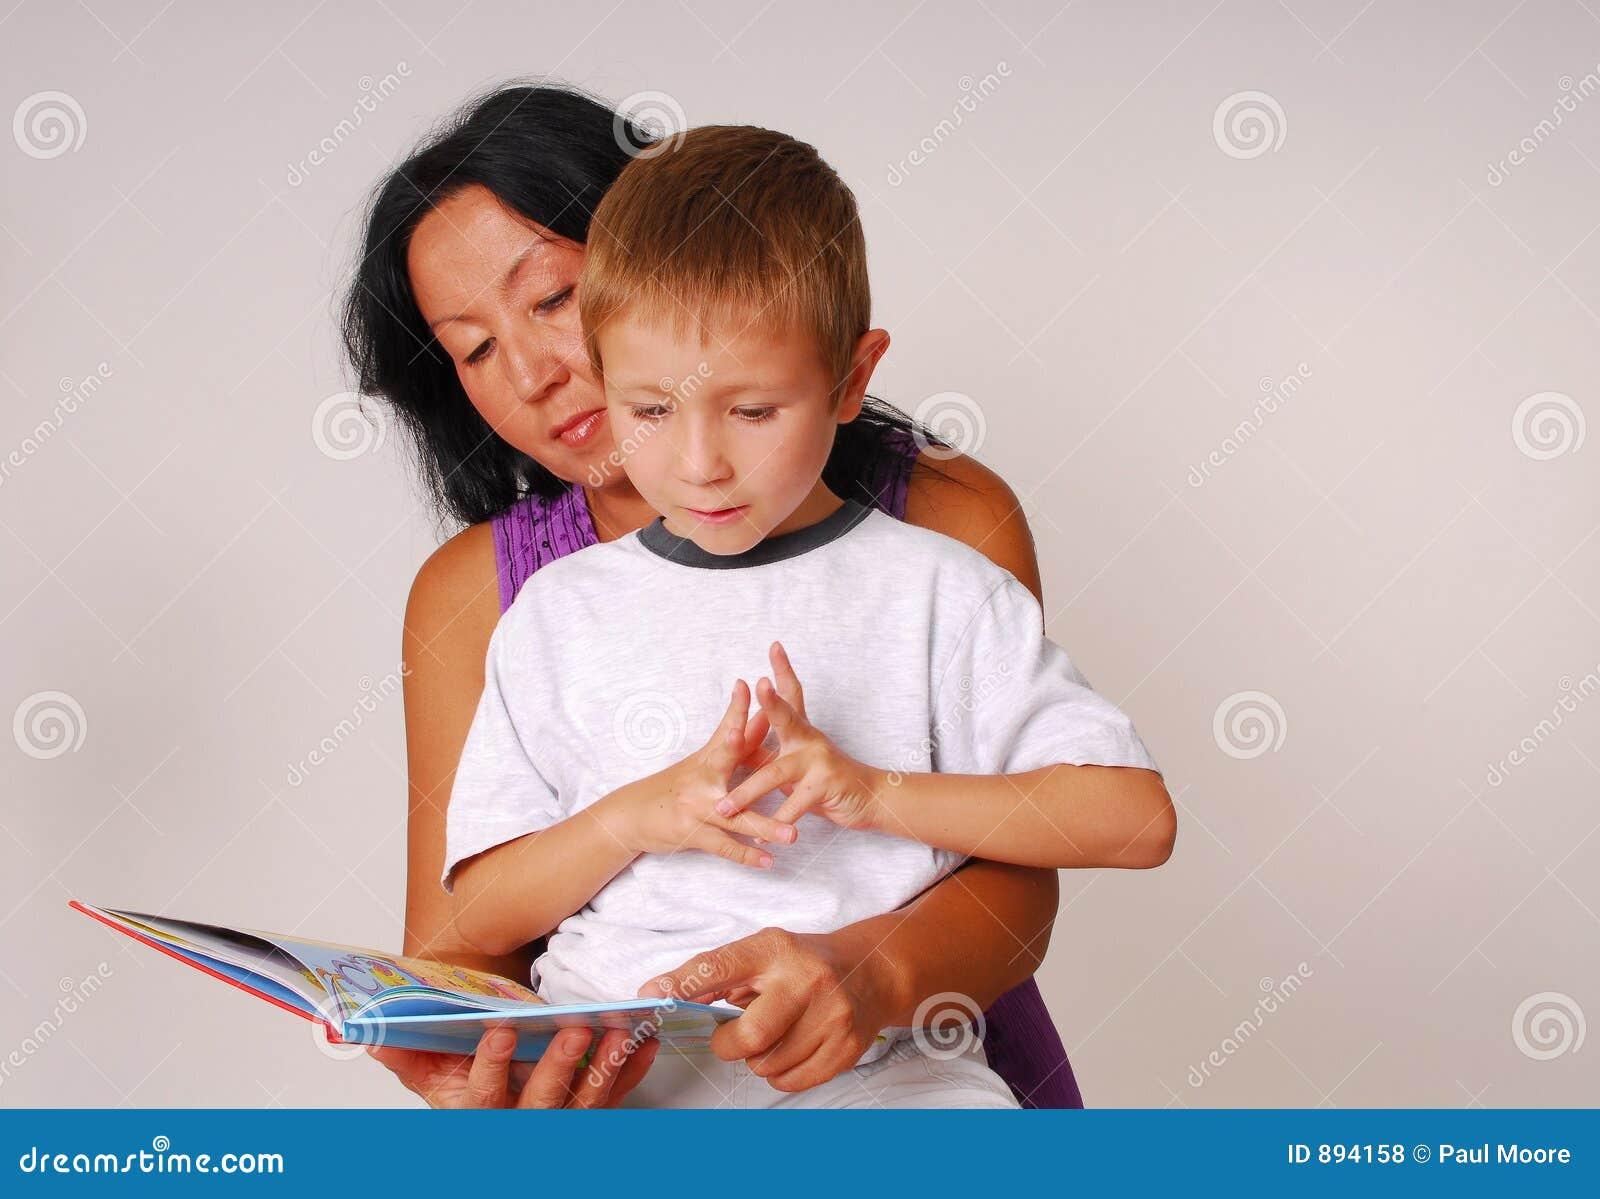 Przeczytaj sześciu synów mamo